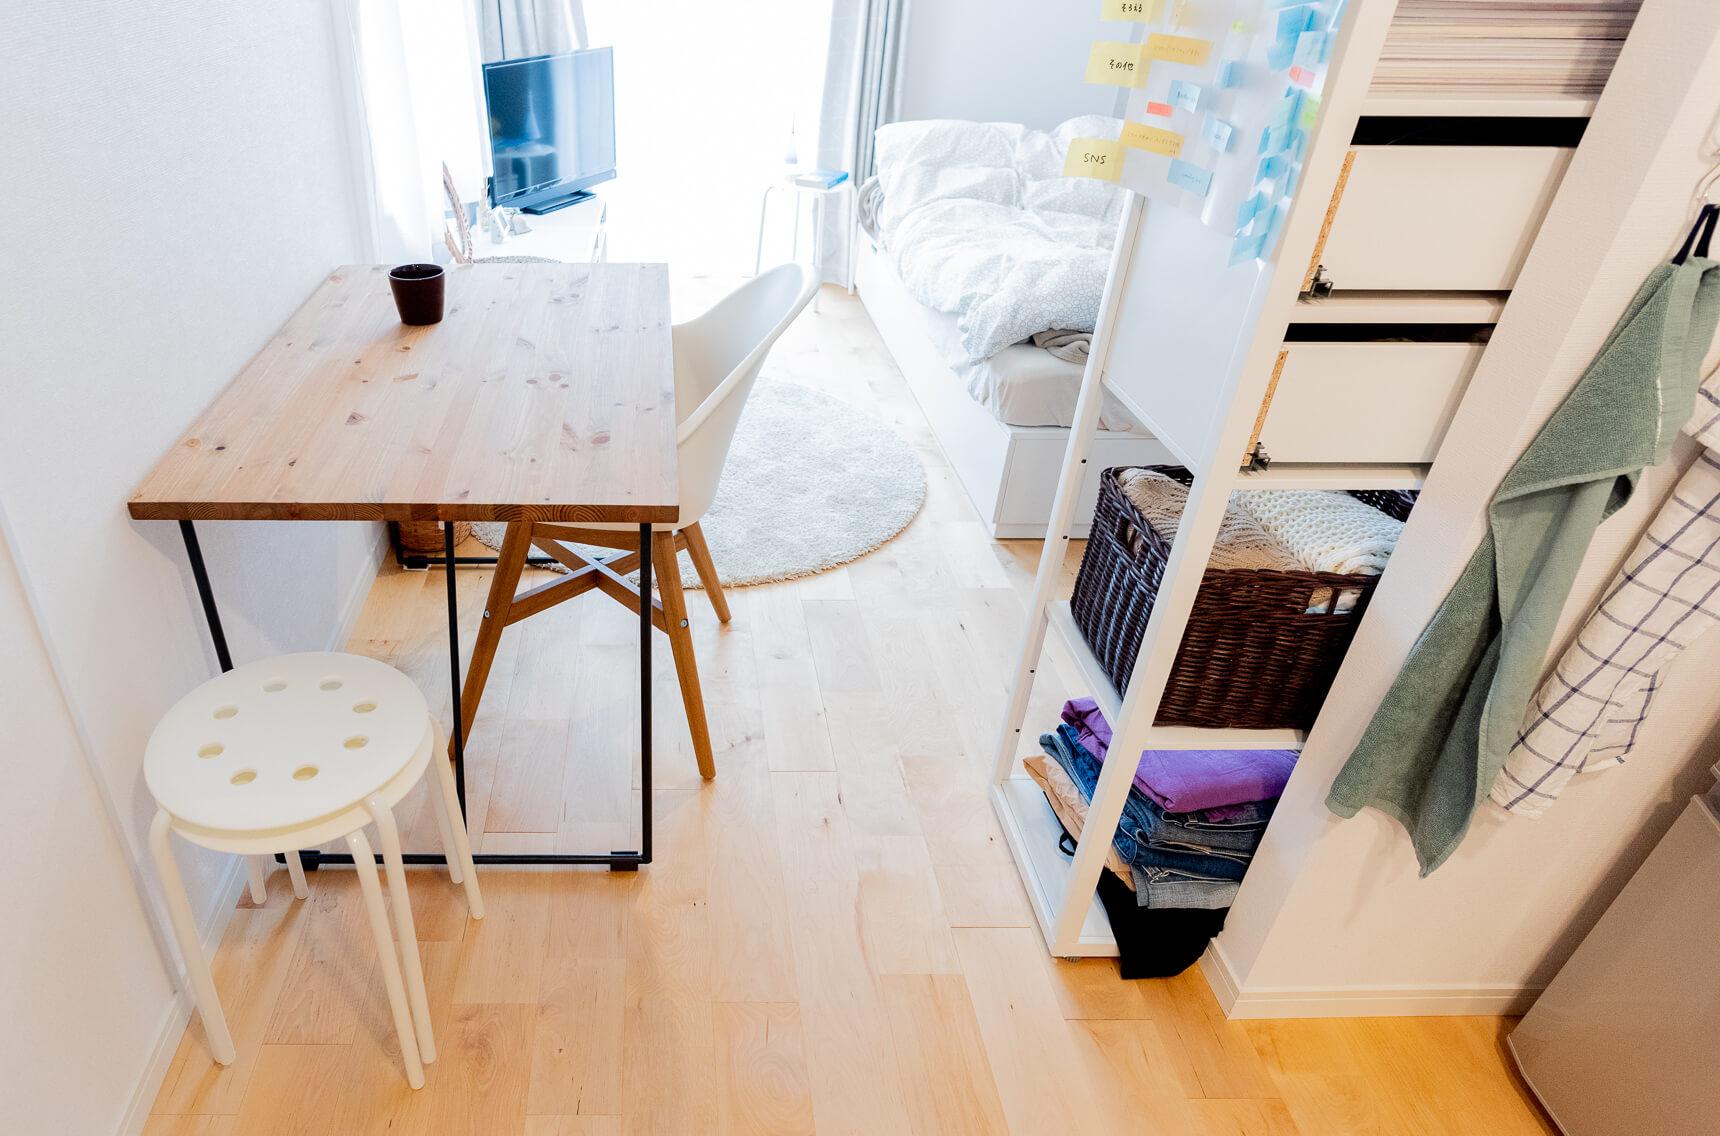 比較的大きめのテーブルですが、あえてこの位置に配置することで、コンパクトタイプのワンルームの空間を有効活用していらっしゃいます。